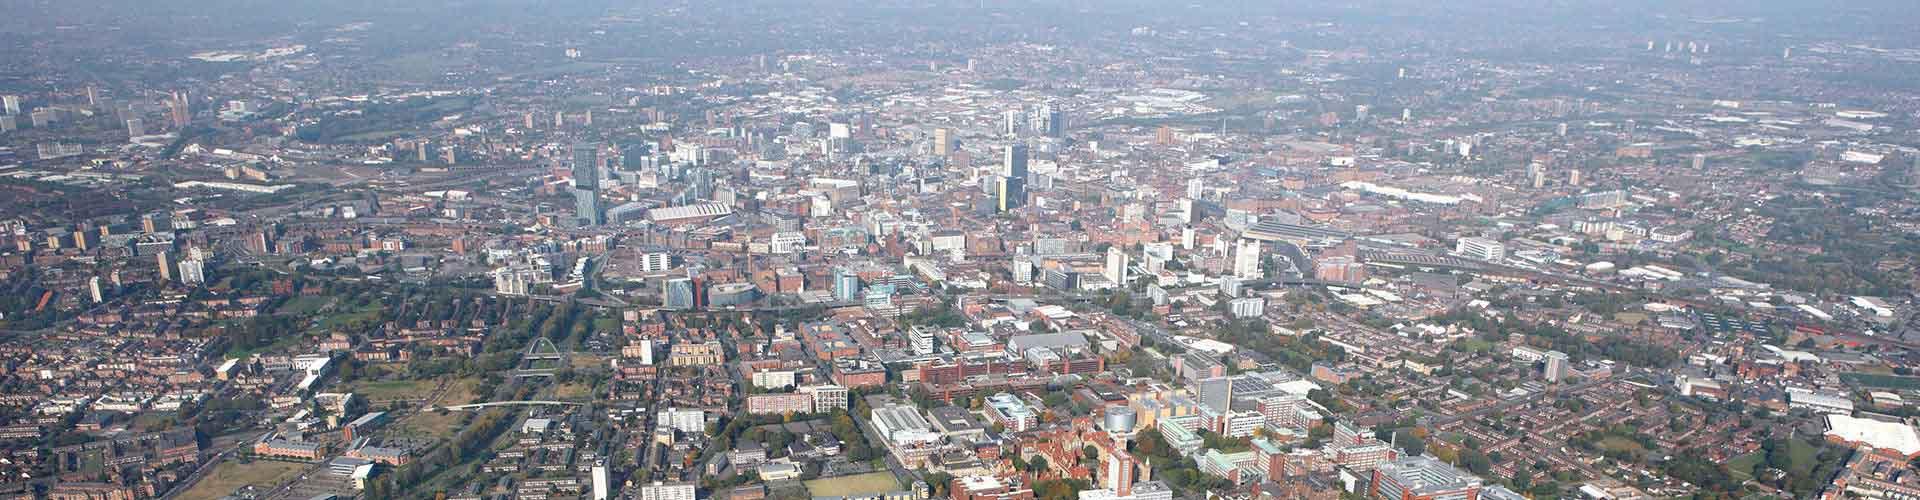 曼彻斯特 – North Manchester区的青年旅馆。曼彻斯特 地图,曼彻斯特 每间青年旅馆的照片和评分。